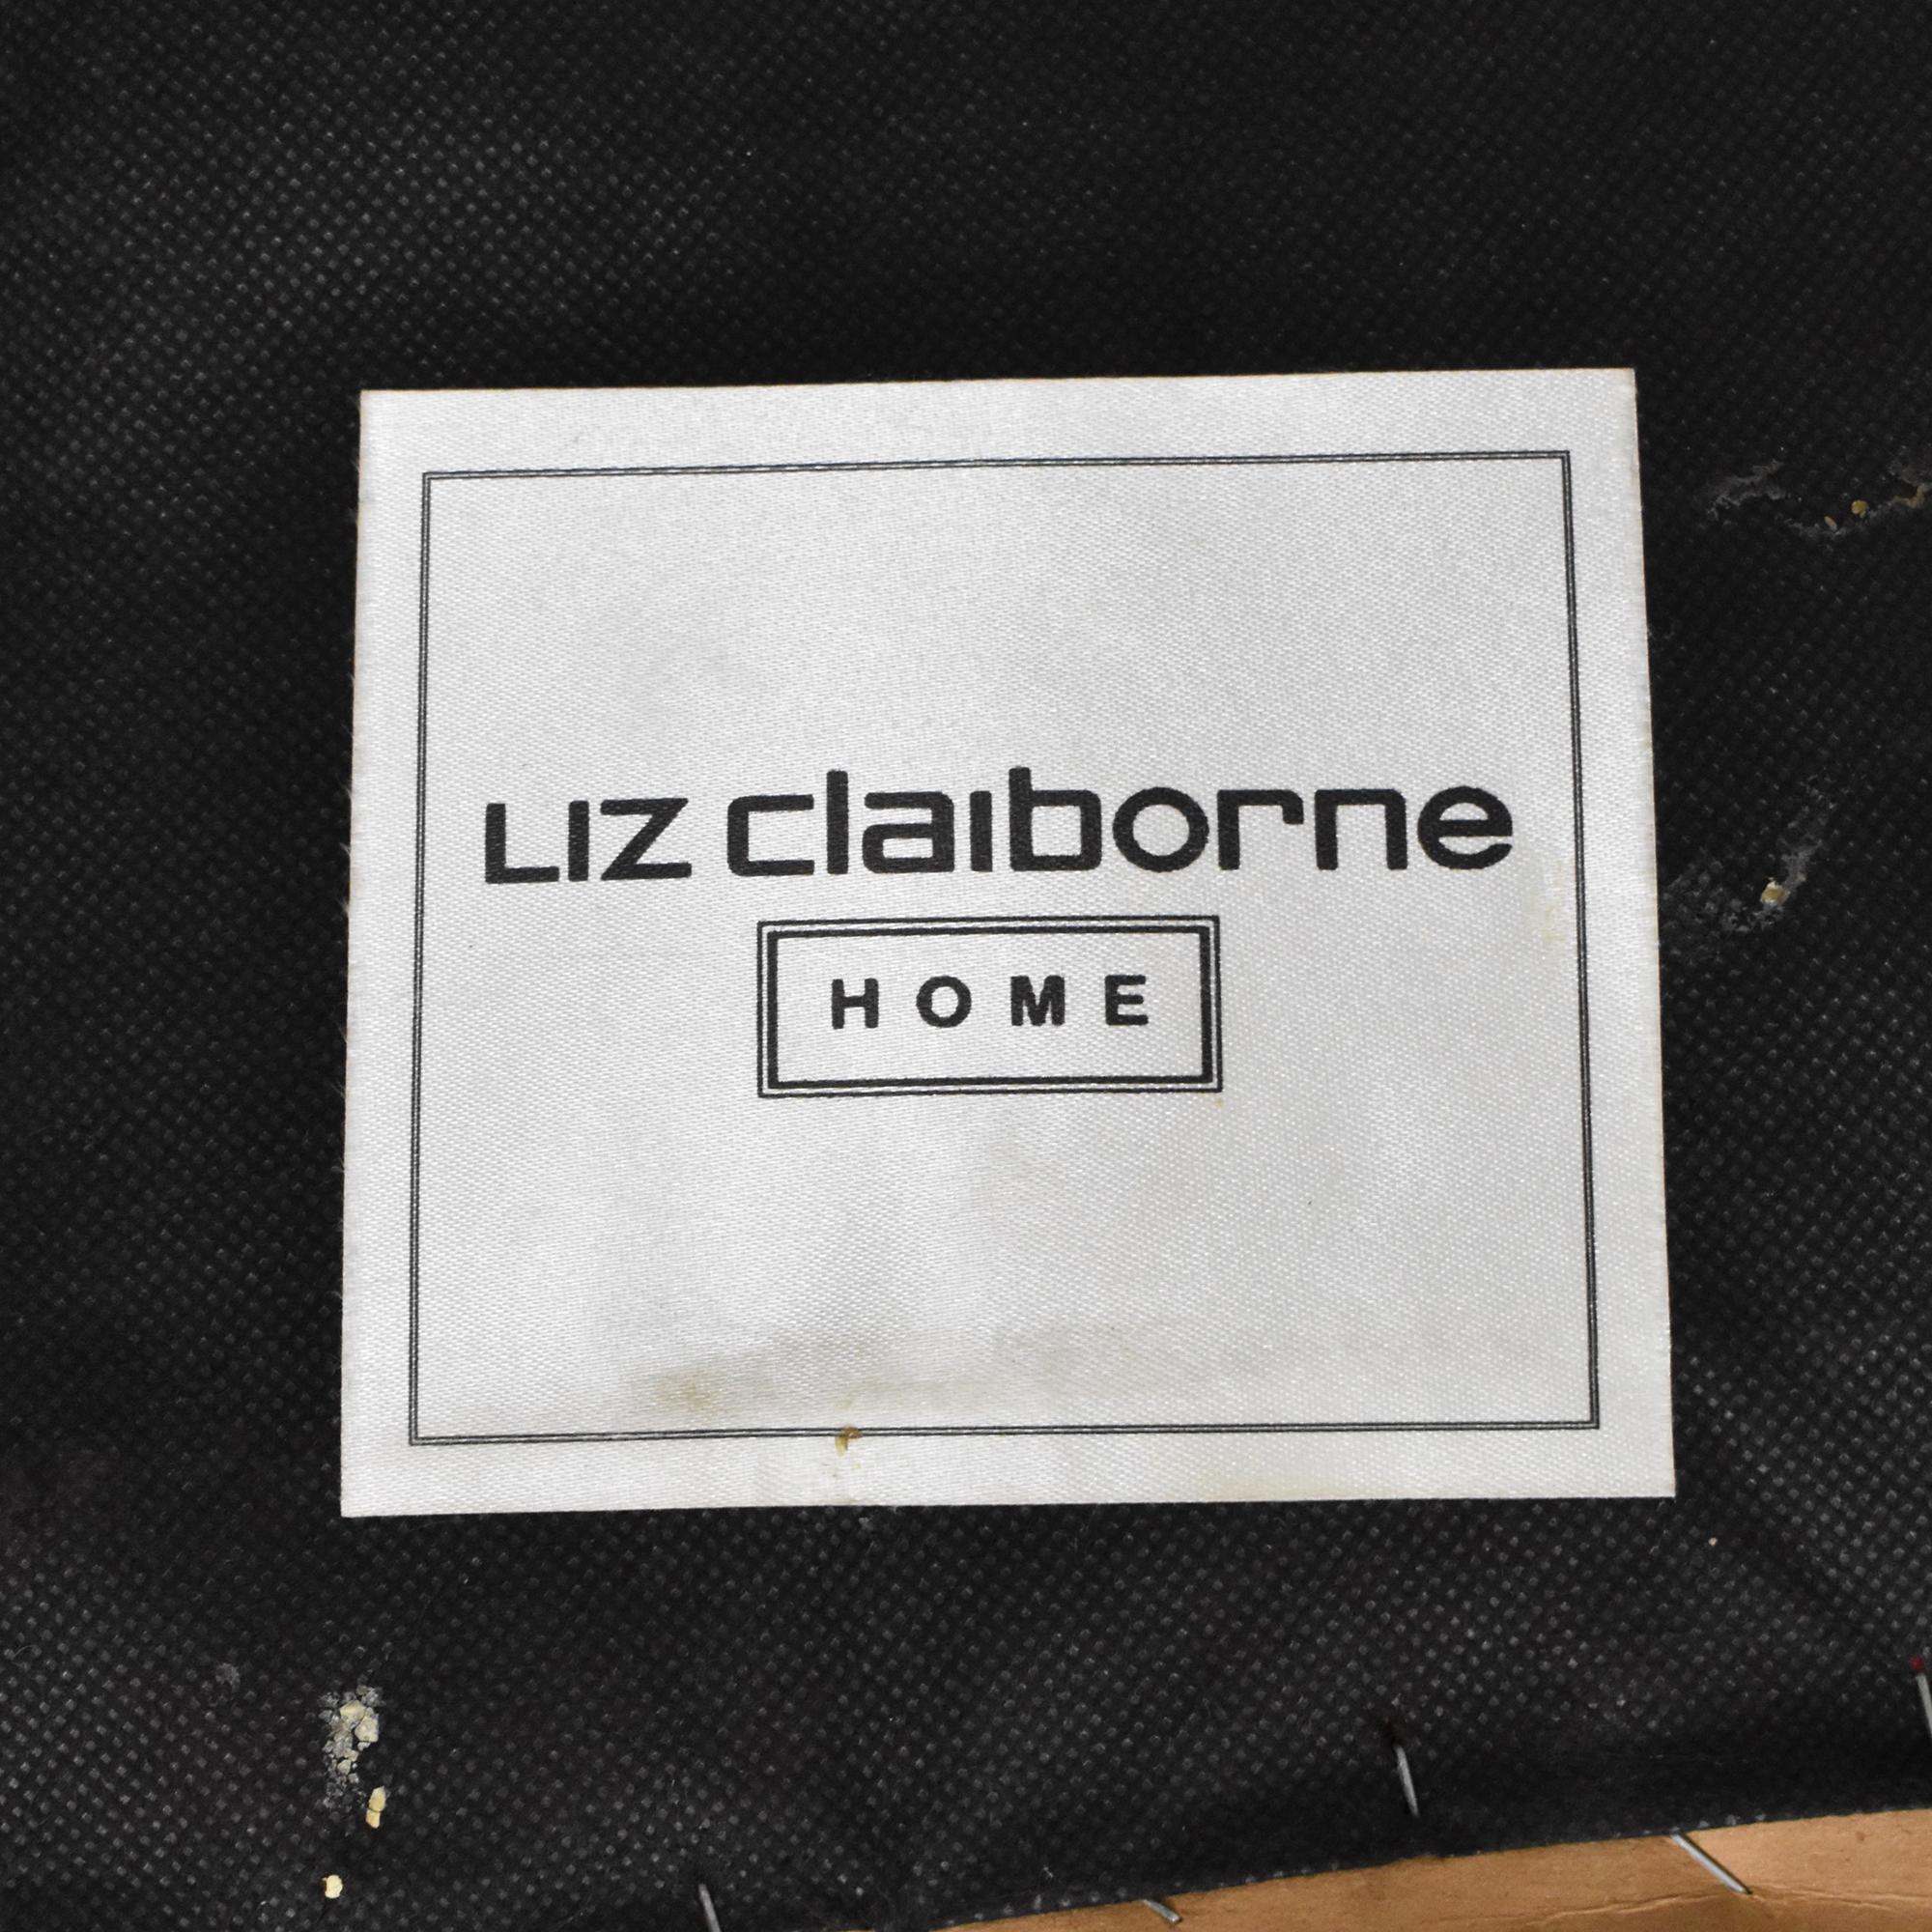 Liz Claiborne Liz Claiborne Tufted Accent Chair for sale